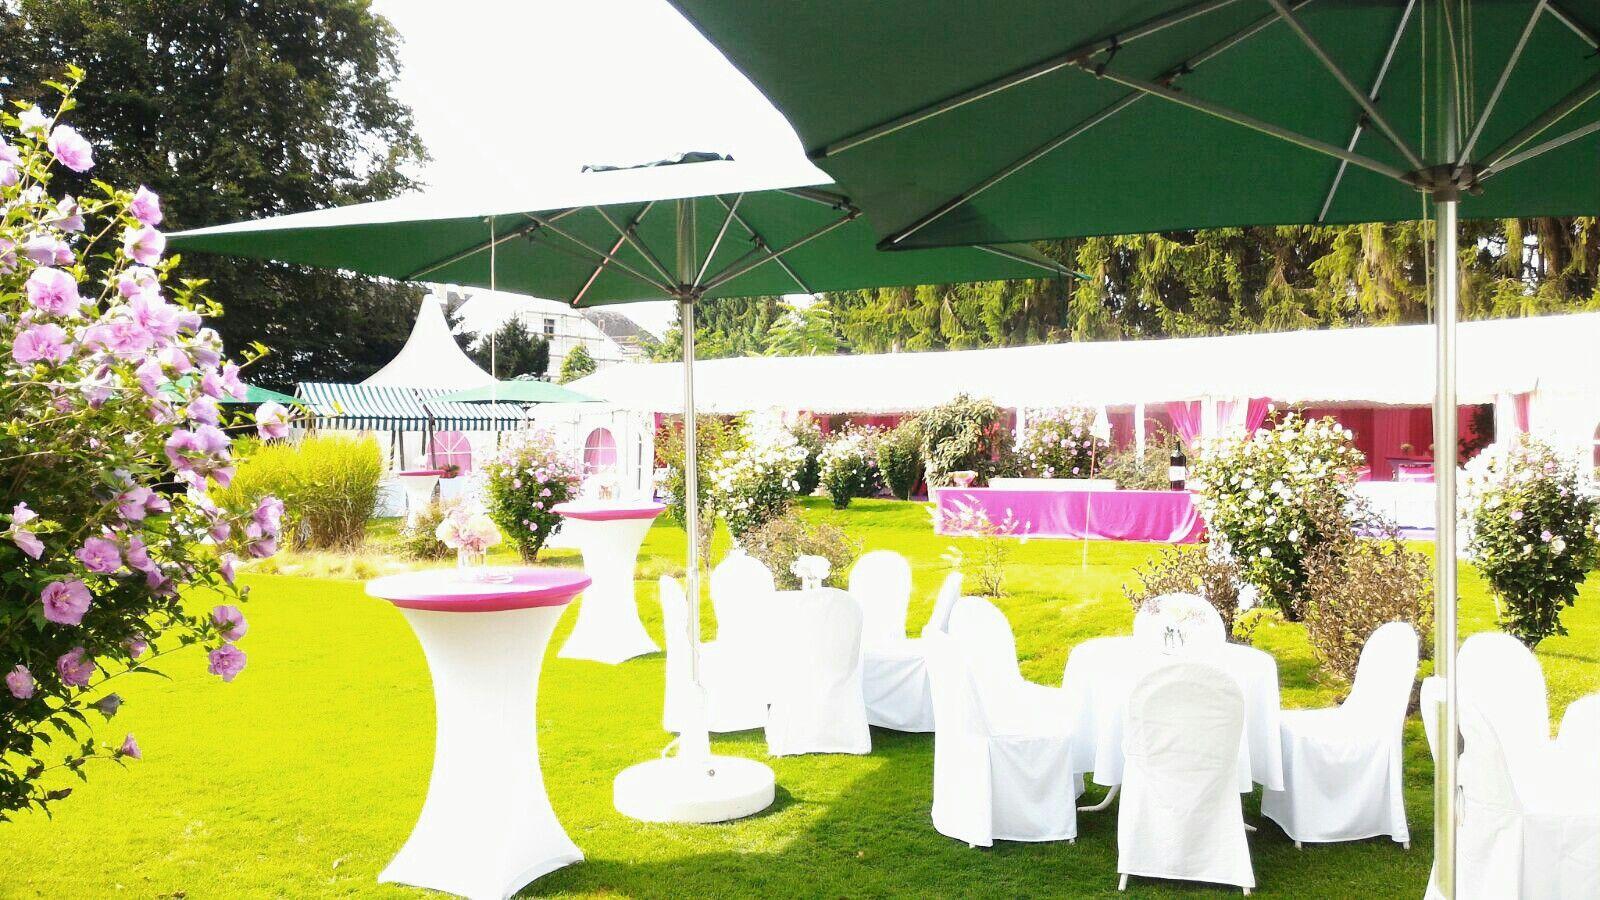 Stehtisch Zu Mieten Mit Deko In Pink Www Help Org At Stehtisch Hochzeit Pink